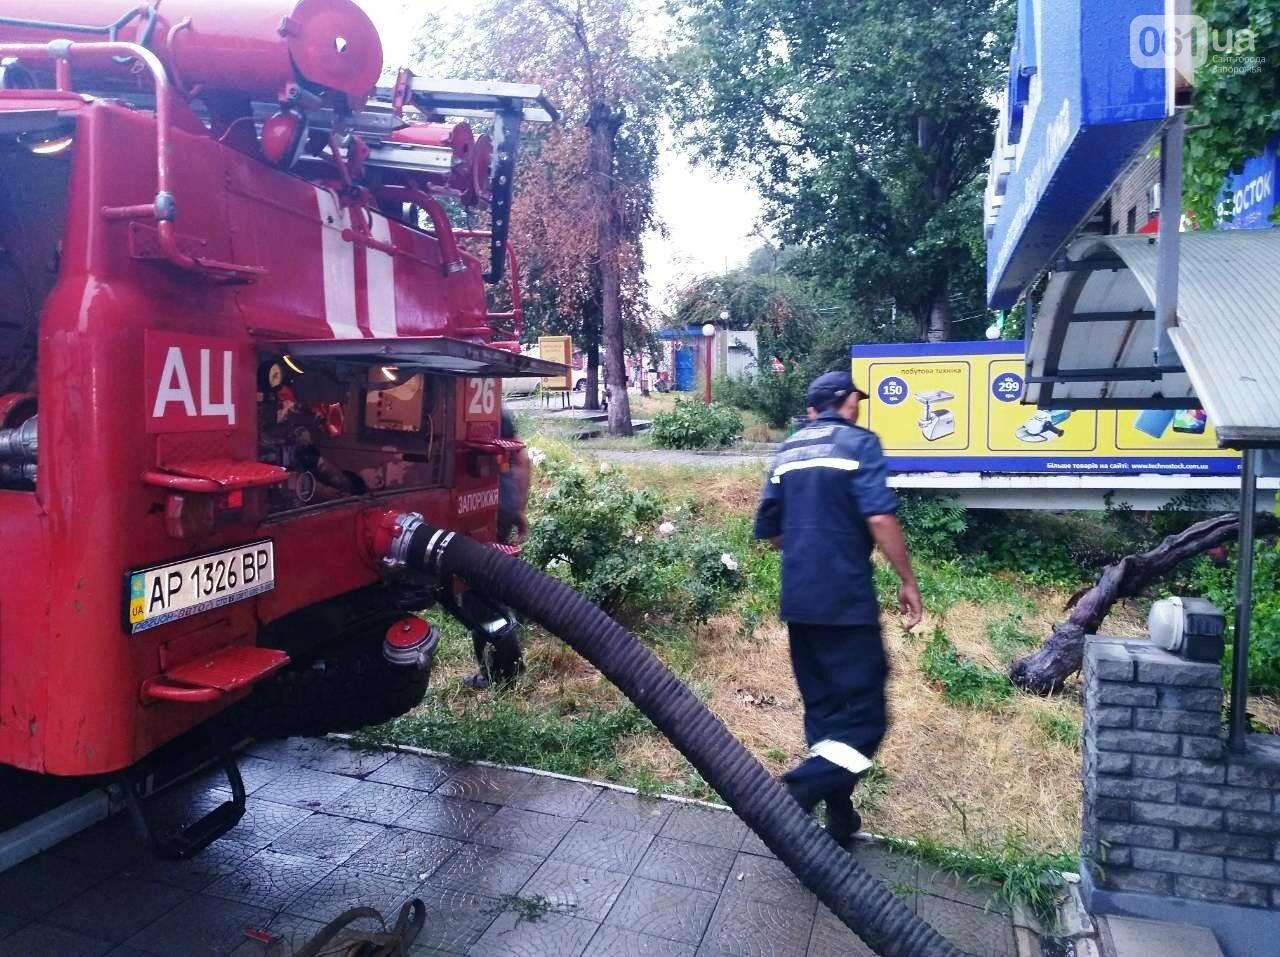 Непогода в Запорожье и области: в людей попала молния, офисы затопило, а машины застряли в воде, - ФОТО, фото-4